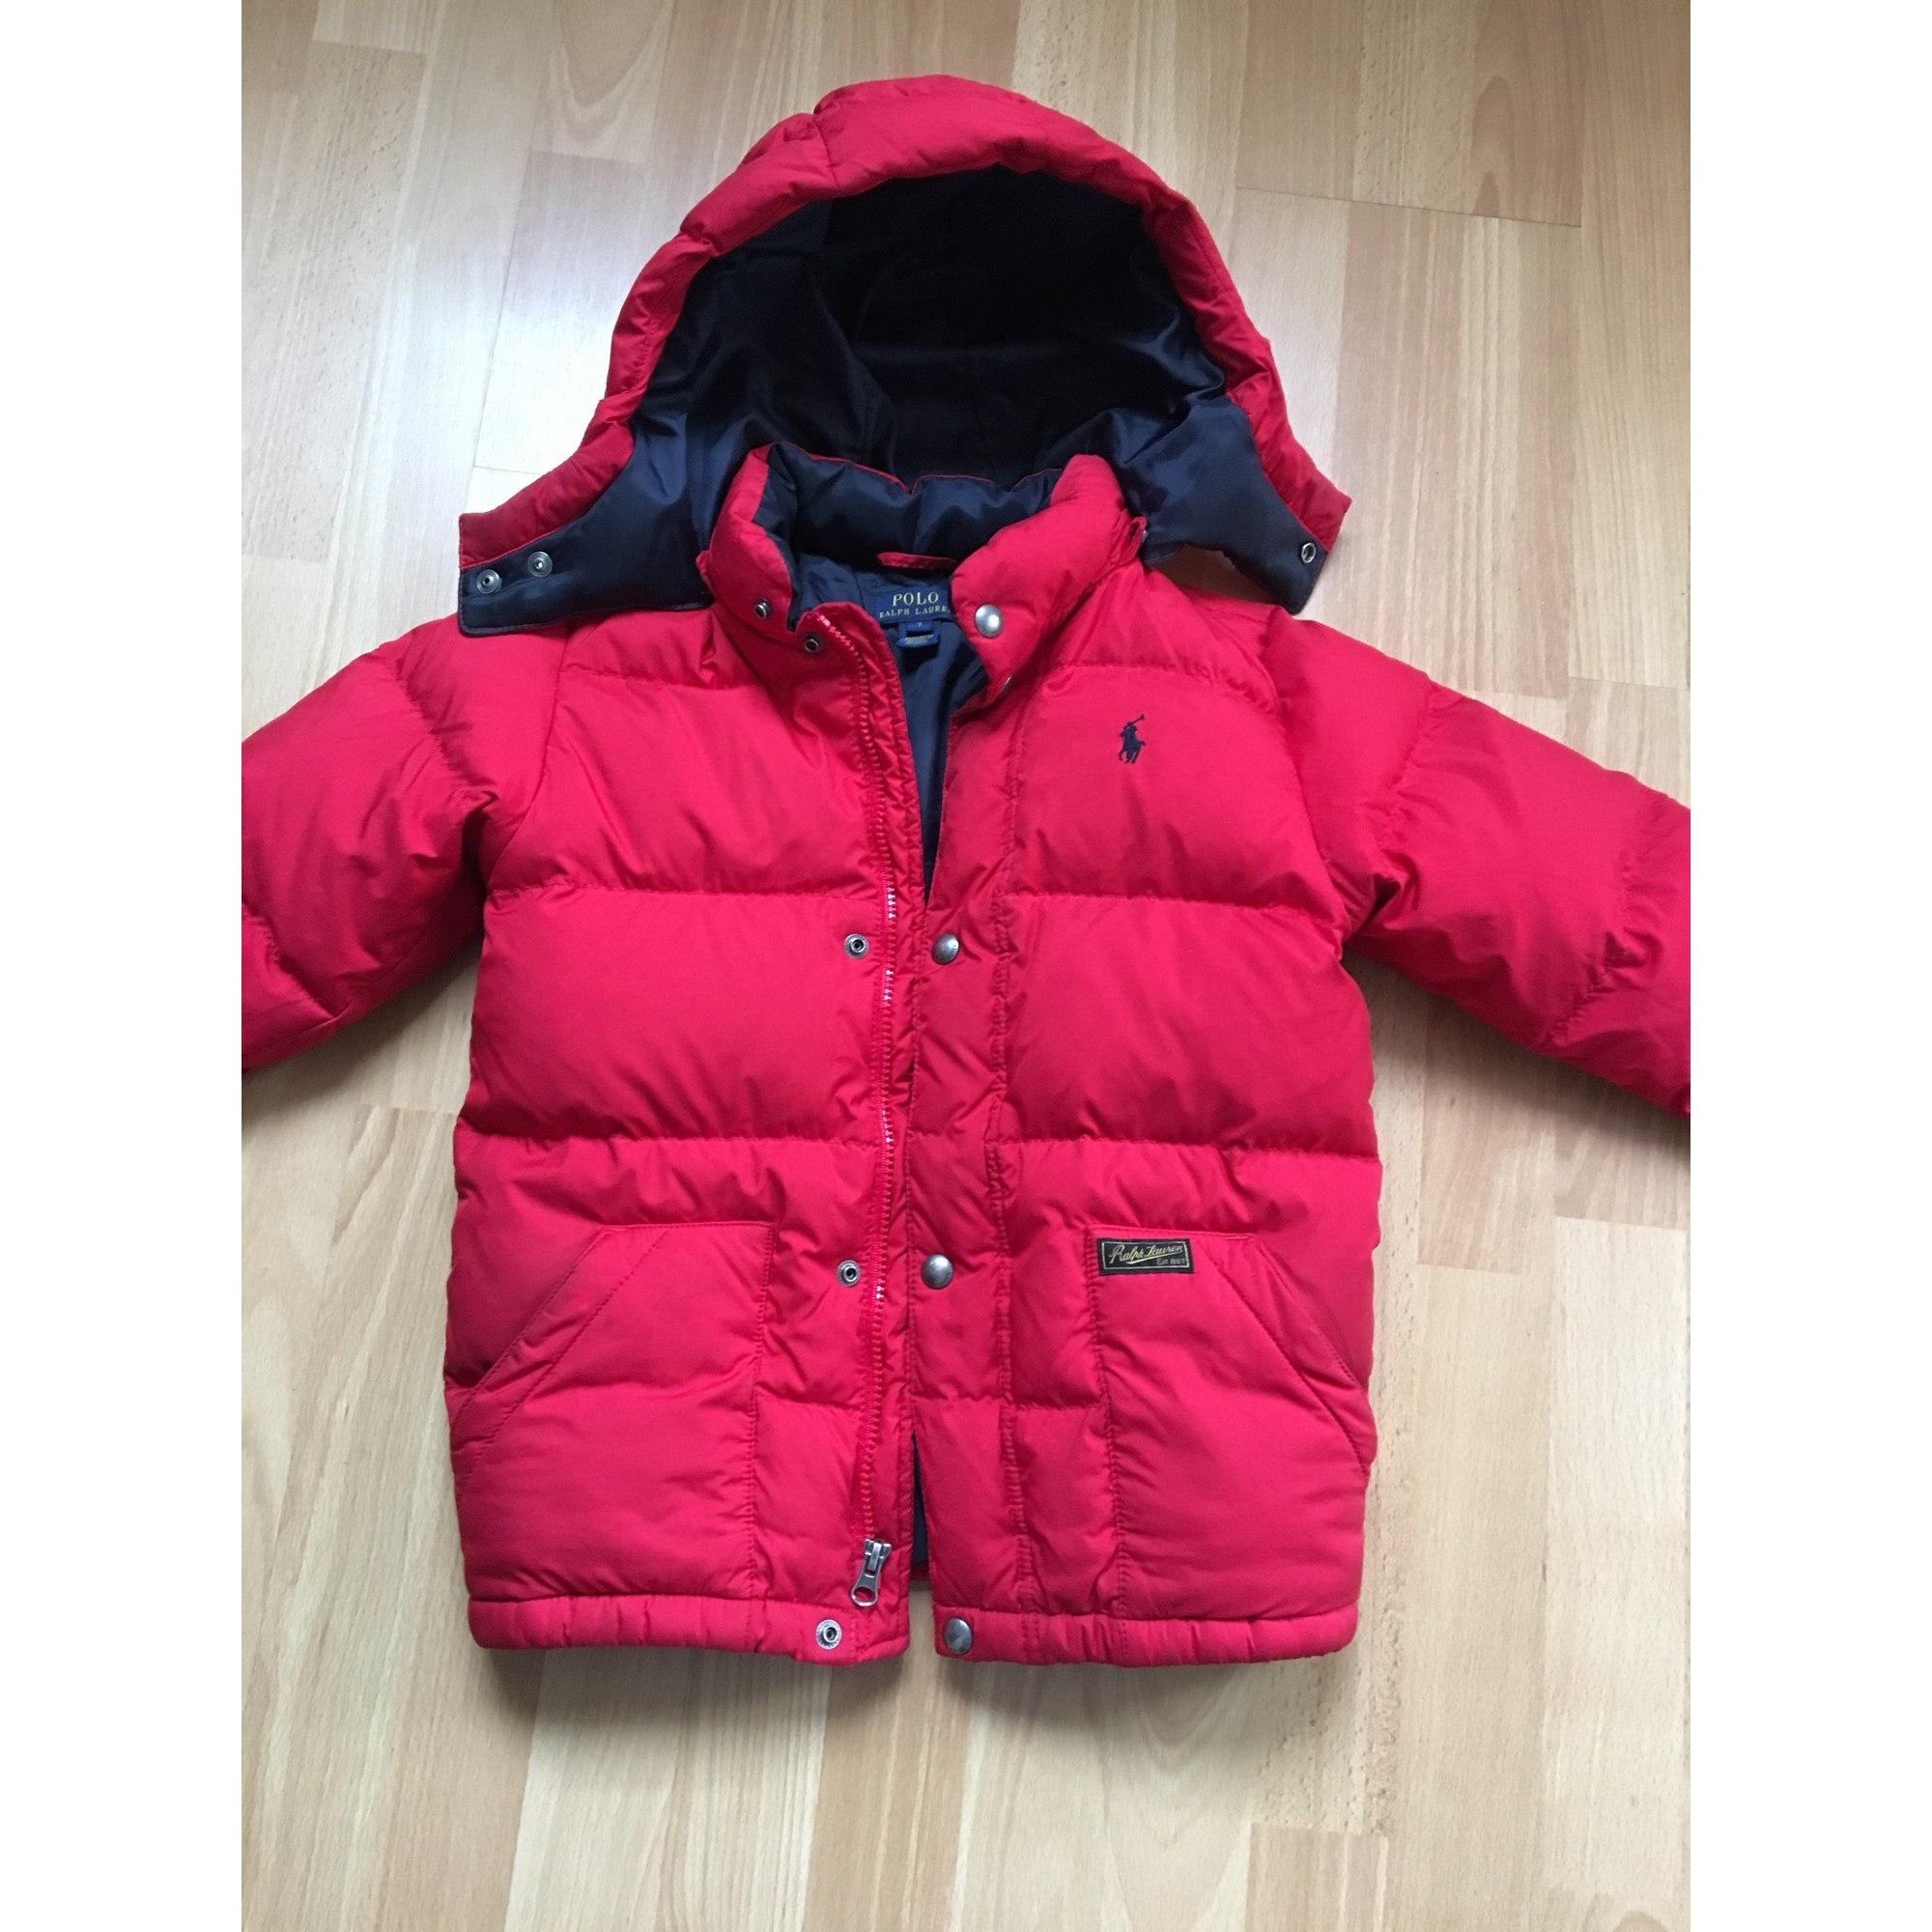 5391a6c09e8f Doudoune RALPH LAUREN 7-8 ans rouge vendu par Florence 2401 - 5932899